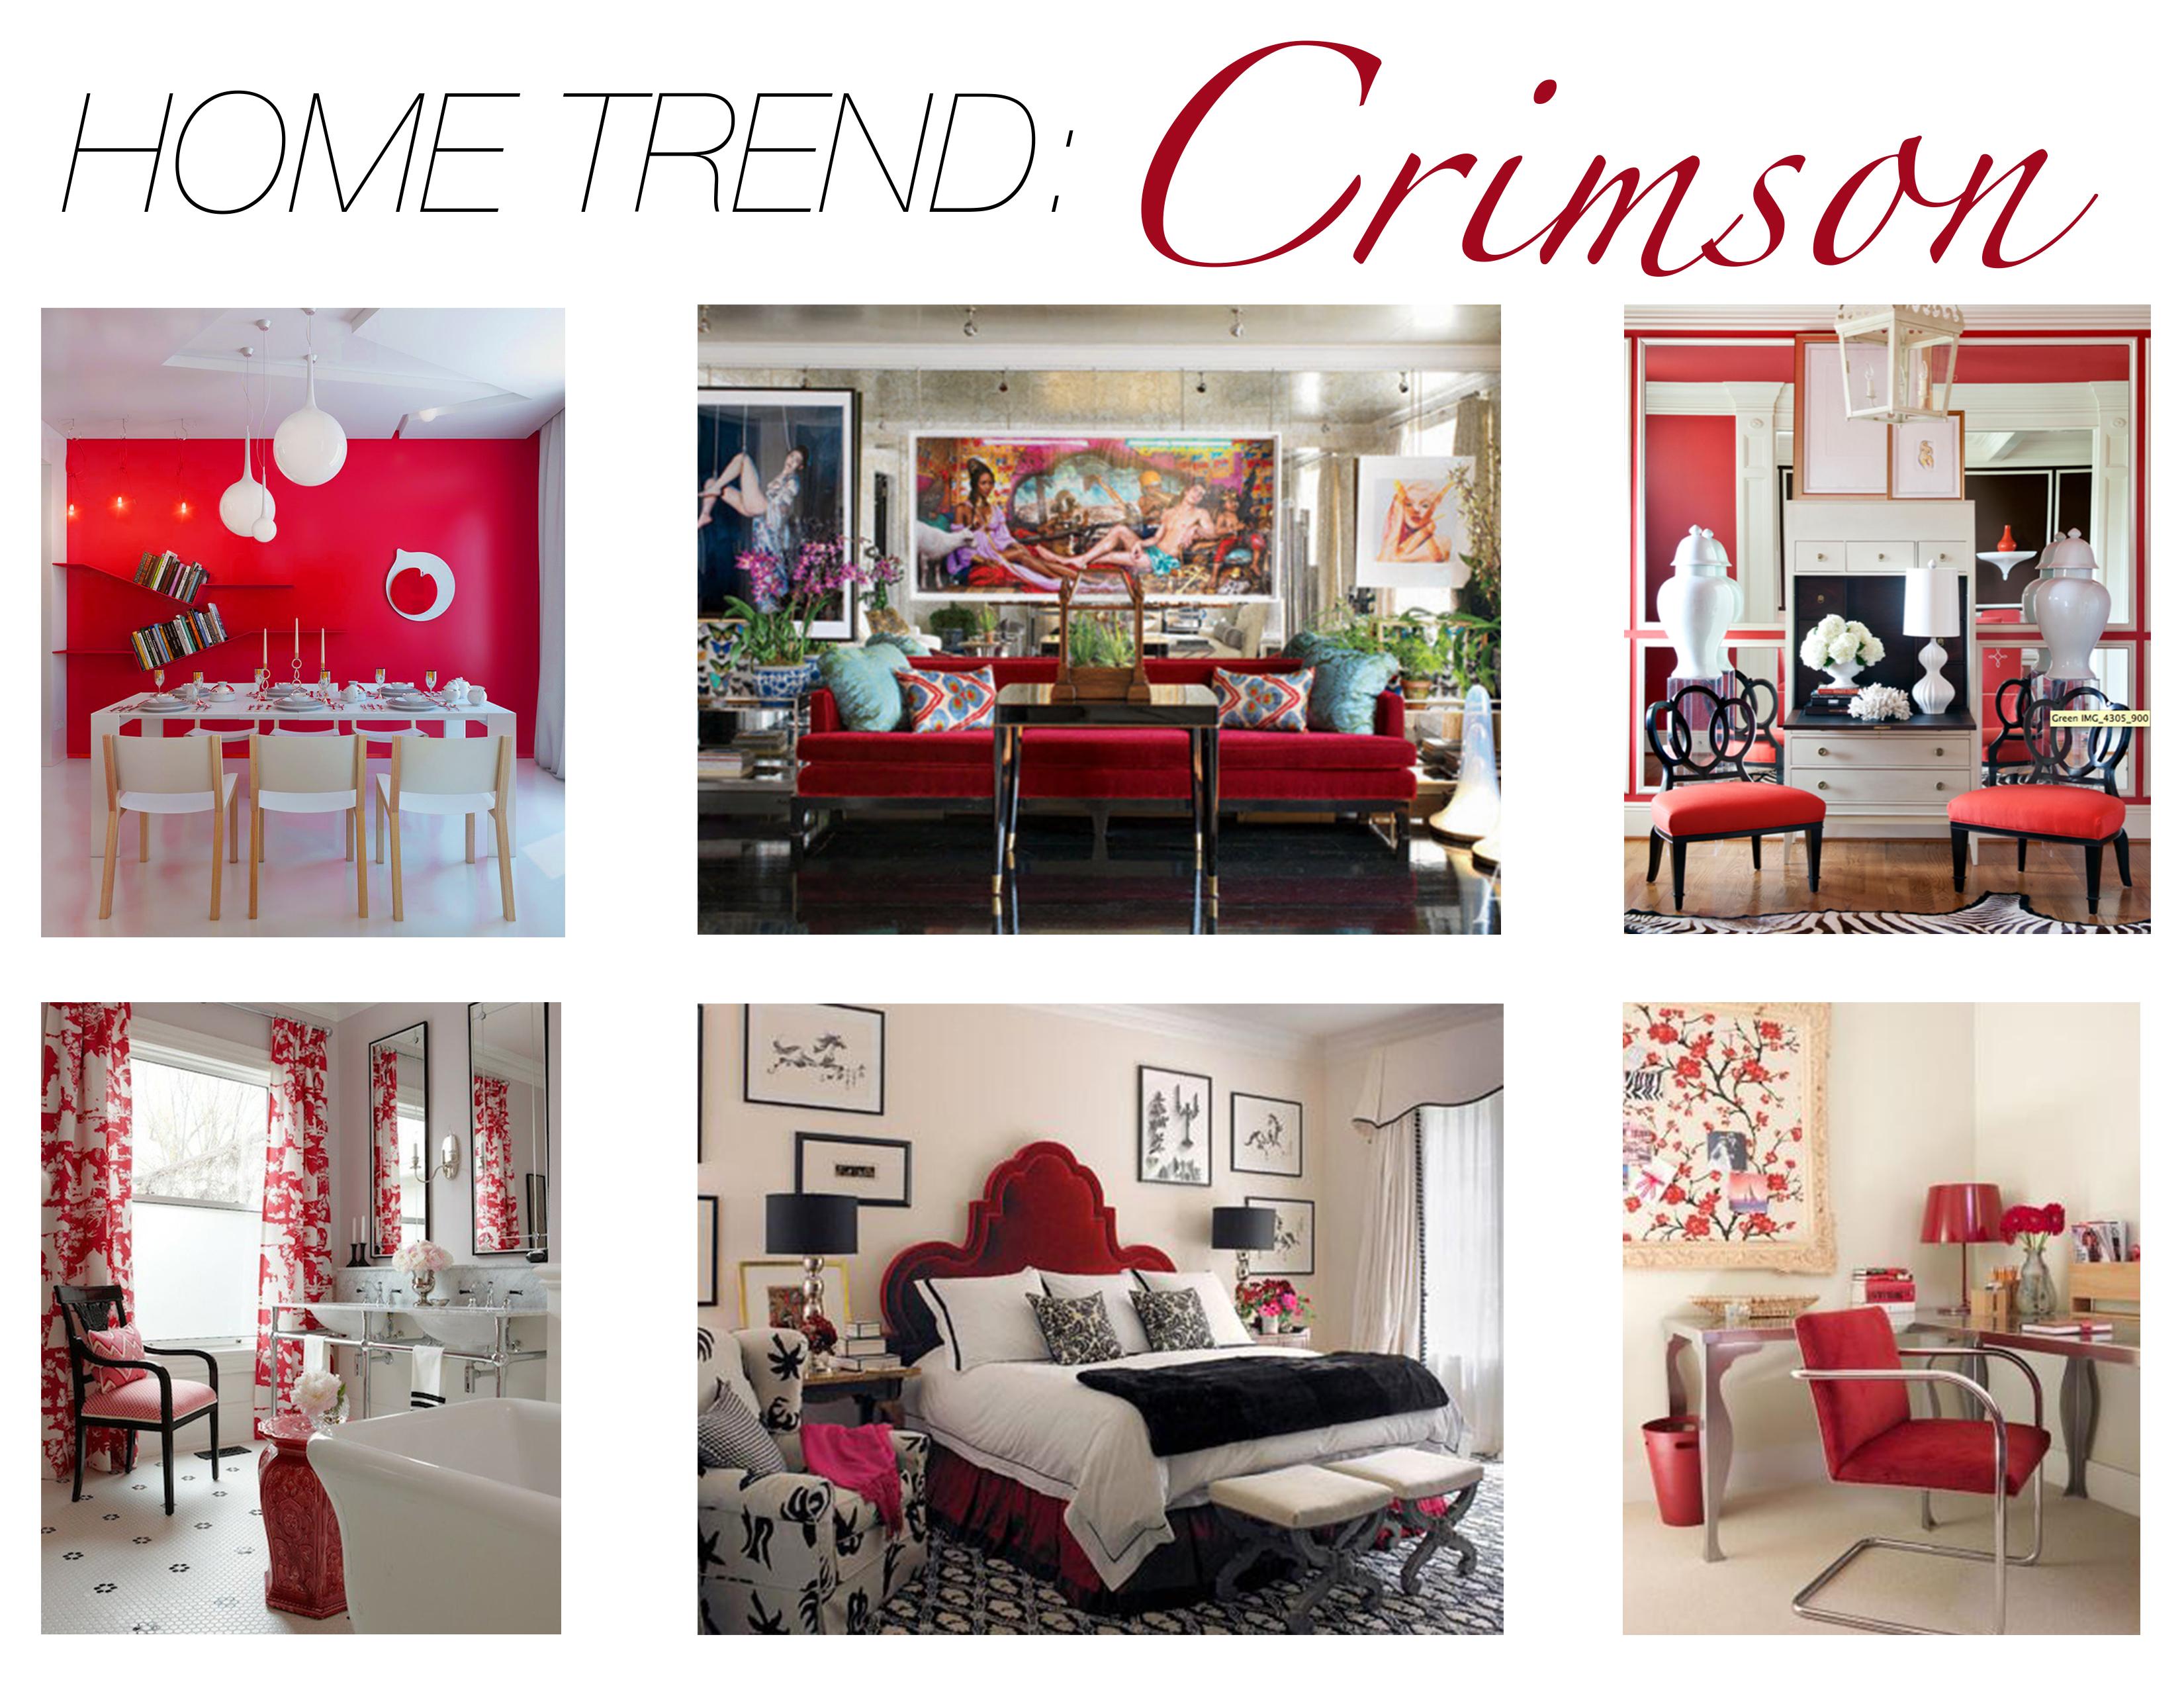 Home trend deep crimson mountain home decor for Mountain home design trends